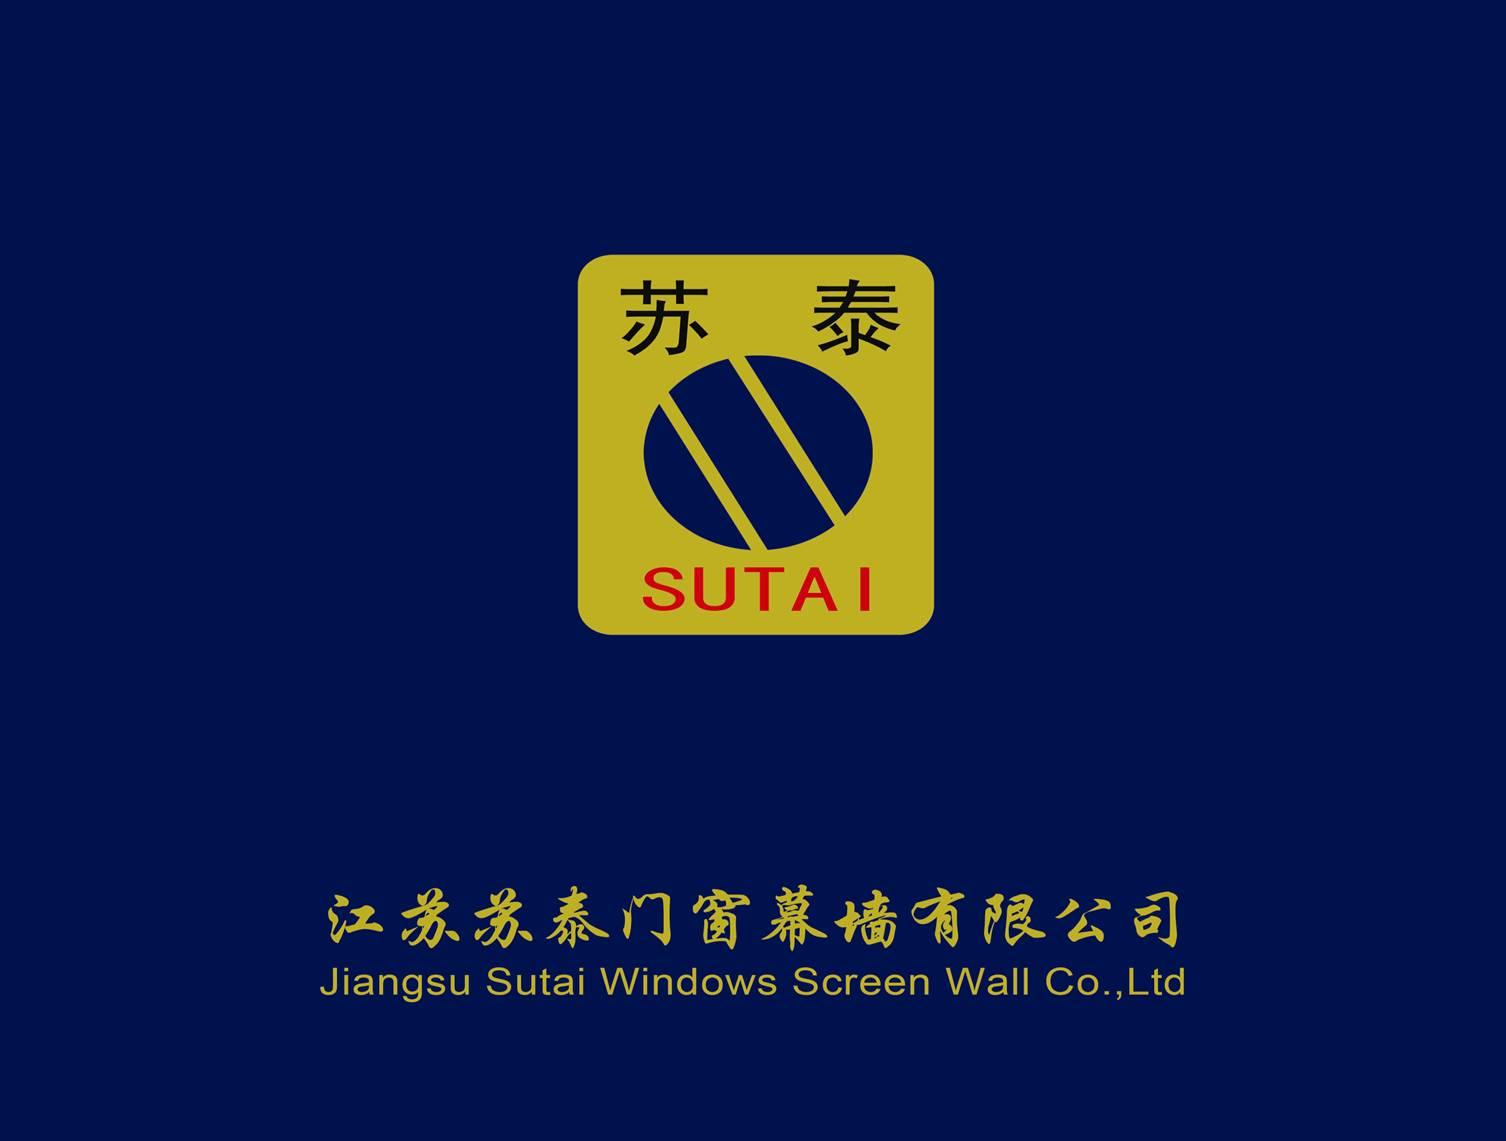 江苏苏泰门窗幕墙有限公司